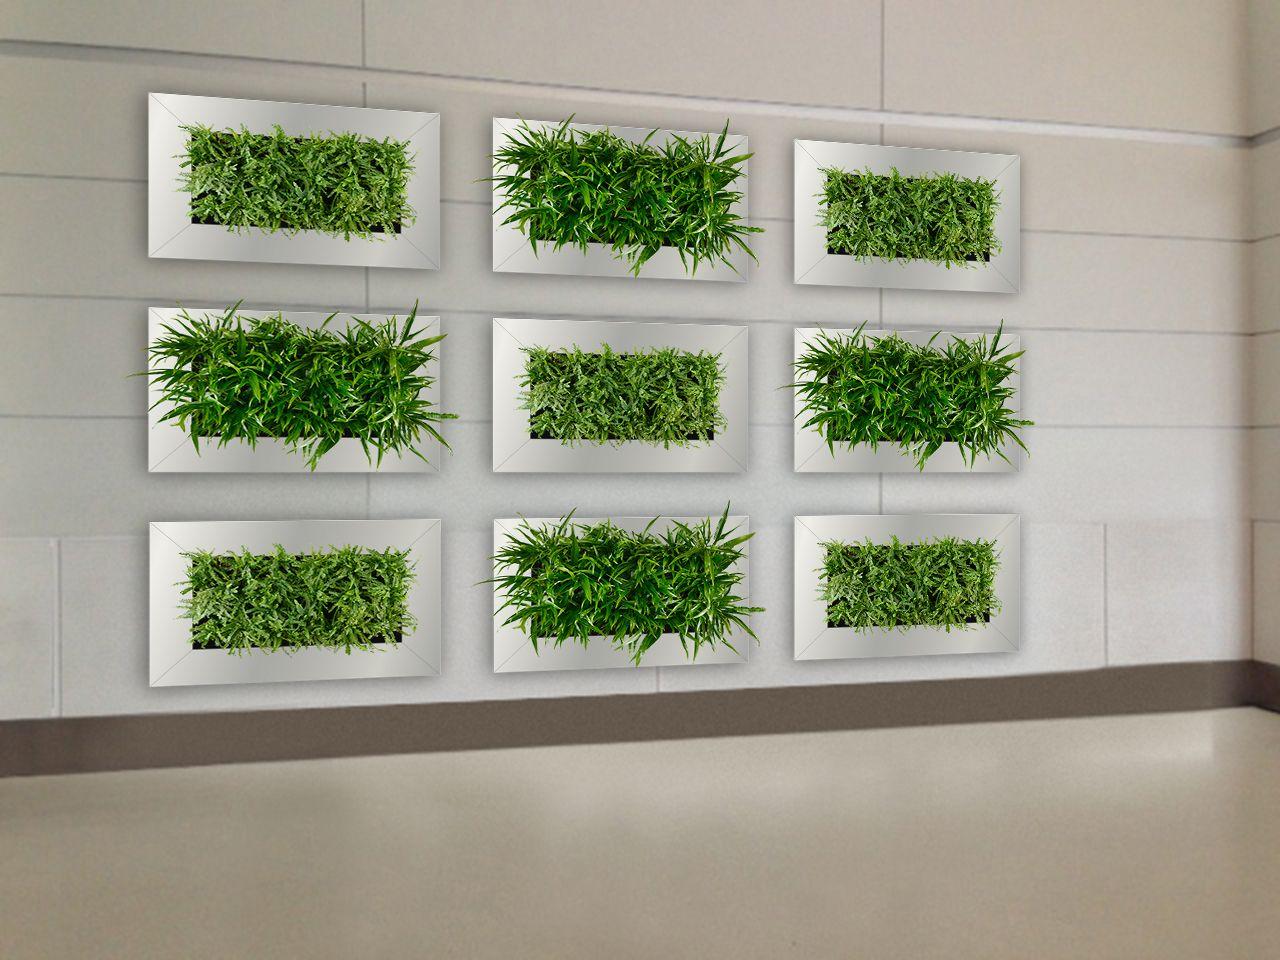 Framed Wall Planter Indoor Vertical Garden Suite Plants 400 x 300